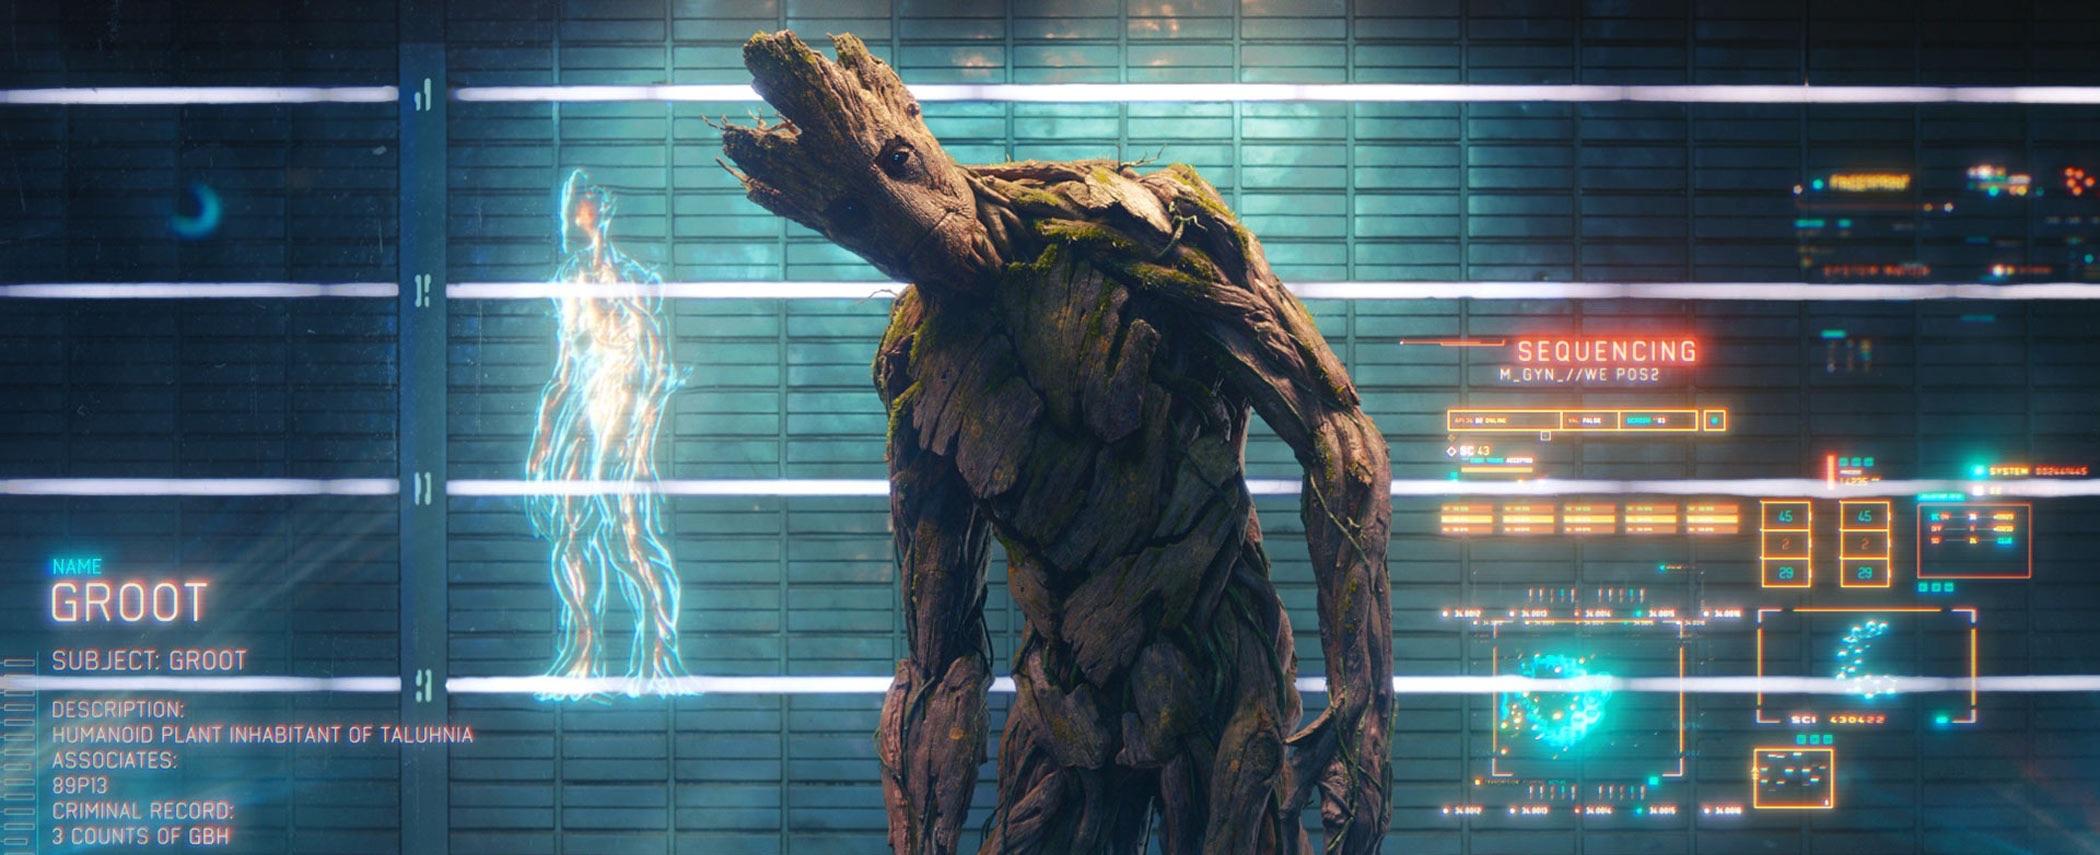 groot_tree2.jpg